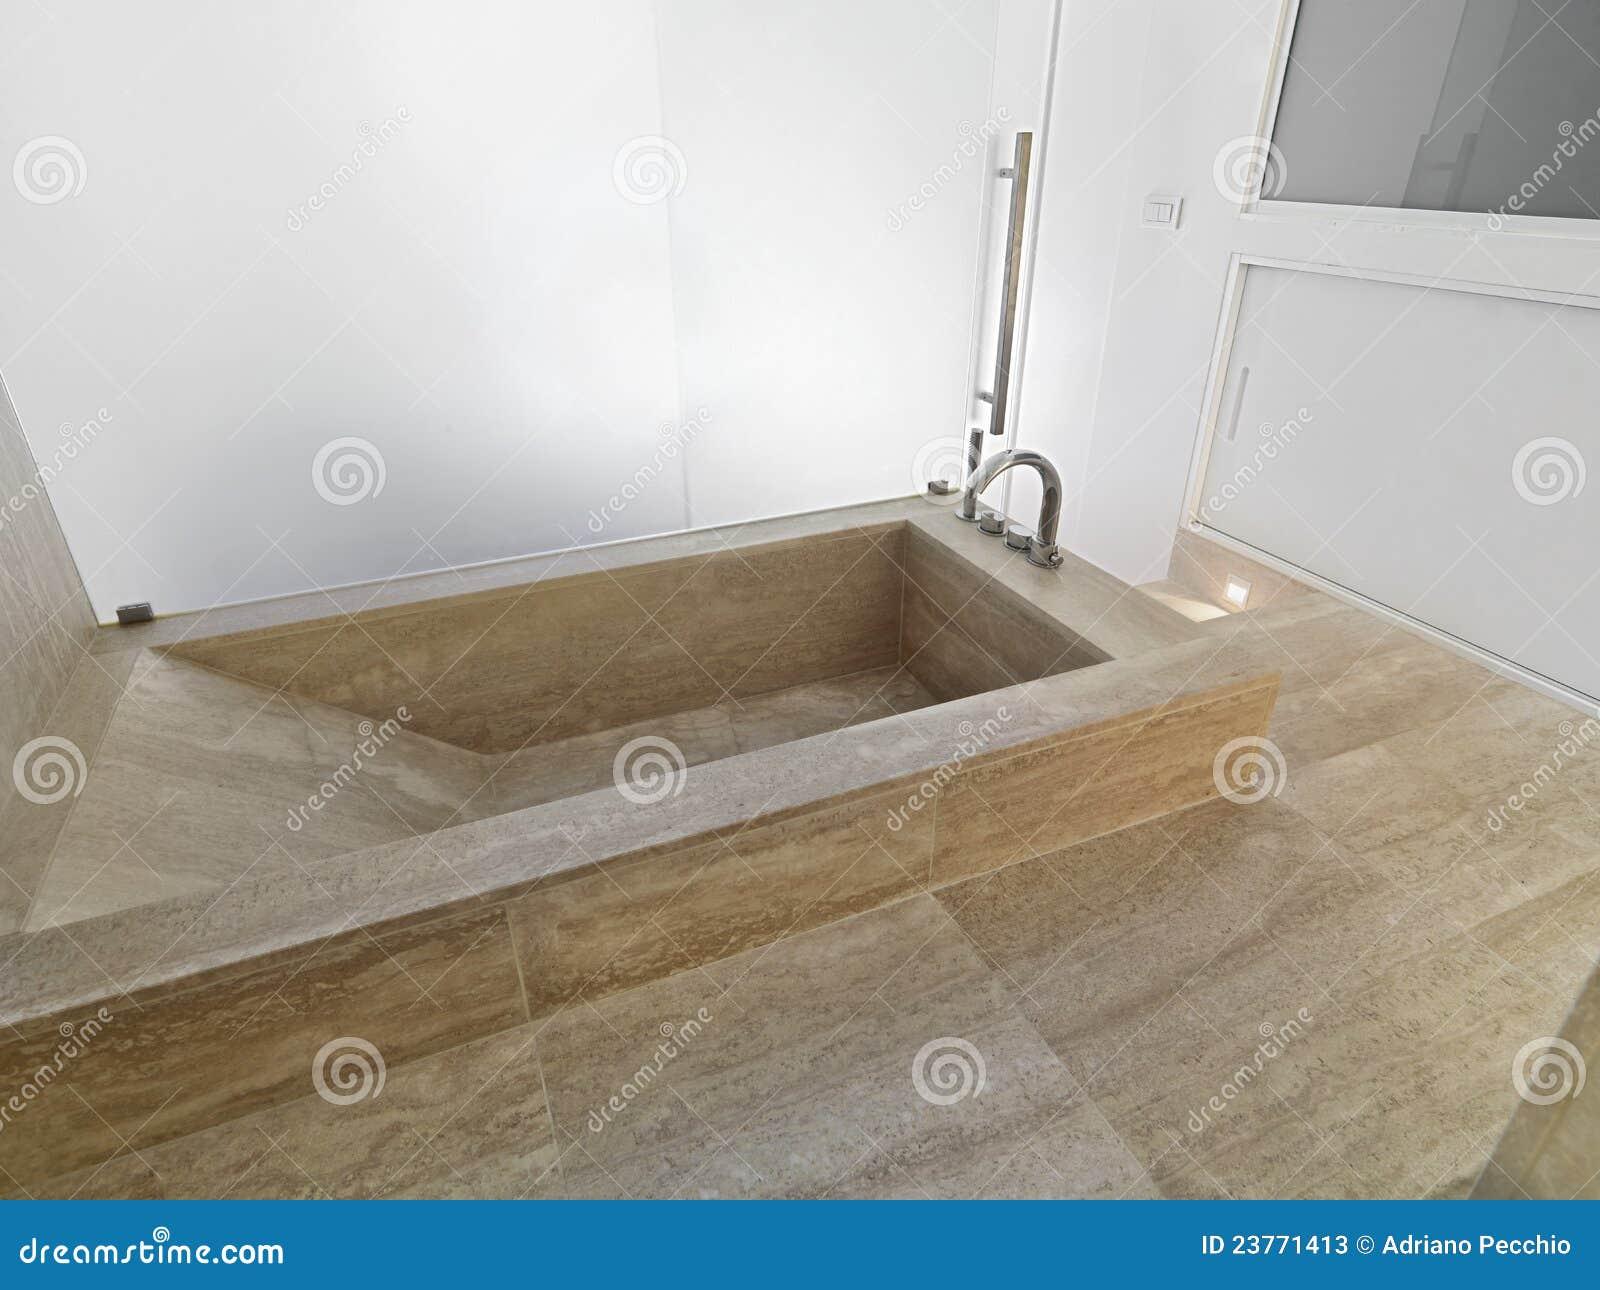 Vasca Da Bagno Espanol : Vasca da bagno di marmo in una stanza da bagno moderna immagine